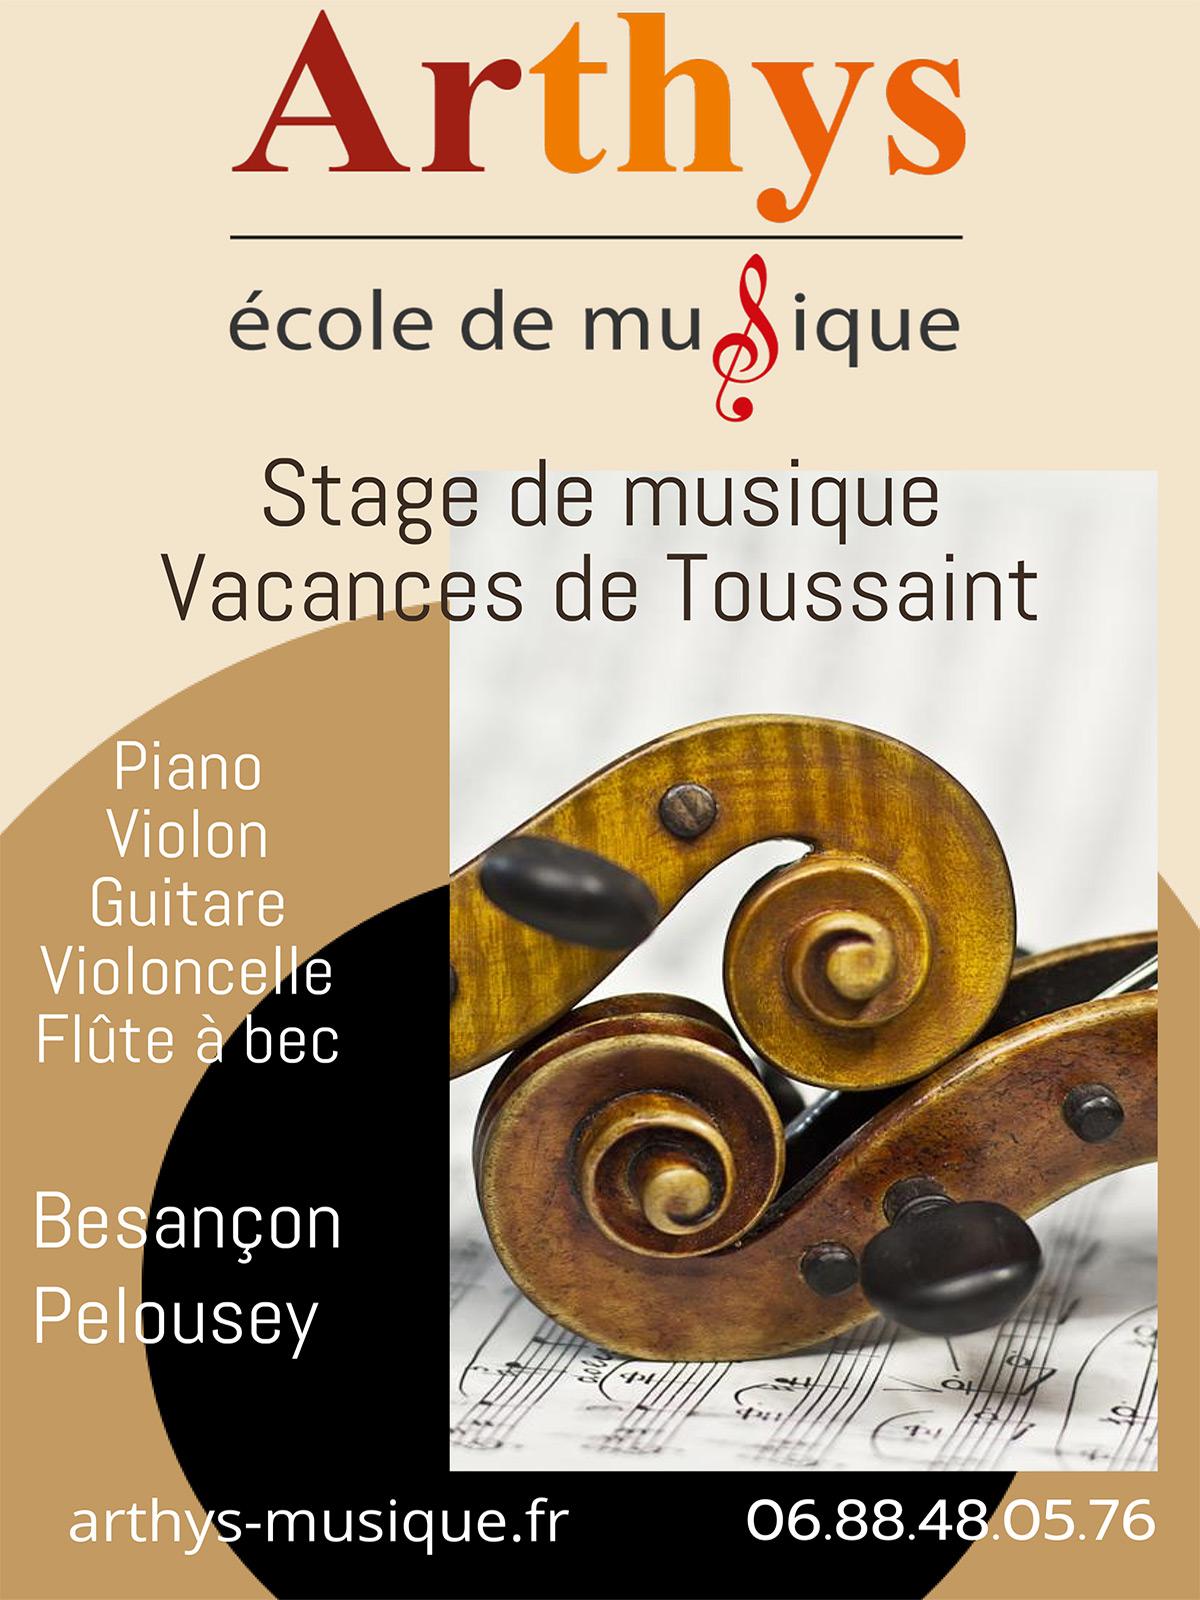 Stages aux vacances de la Toussaint à l 'école de musique Arthys à Besançon ou Pelousey